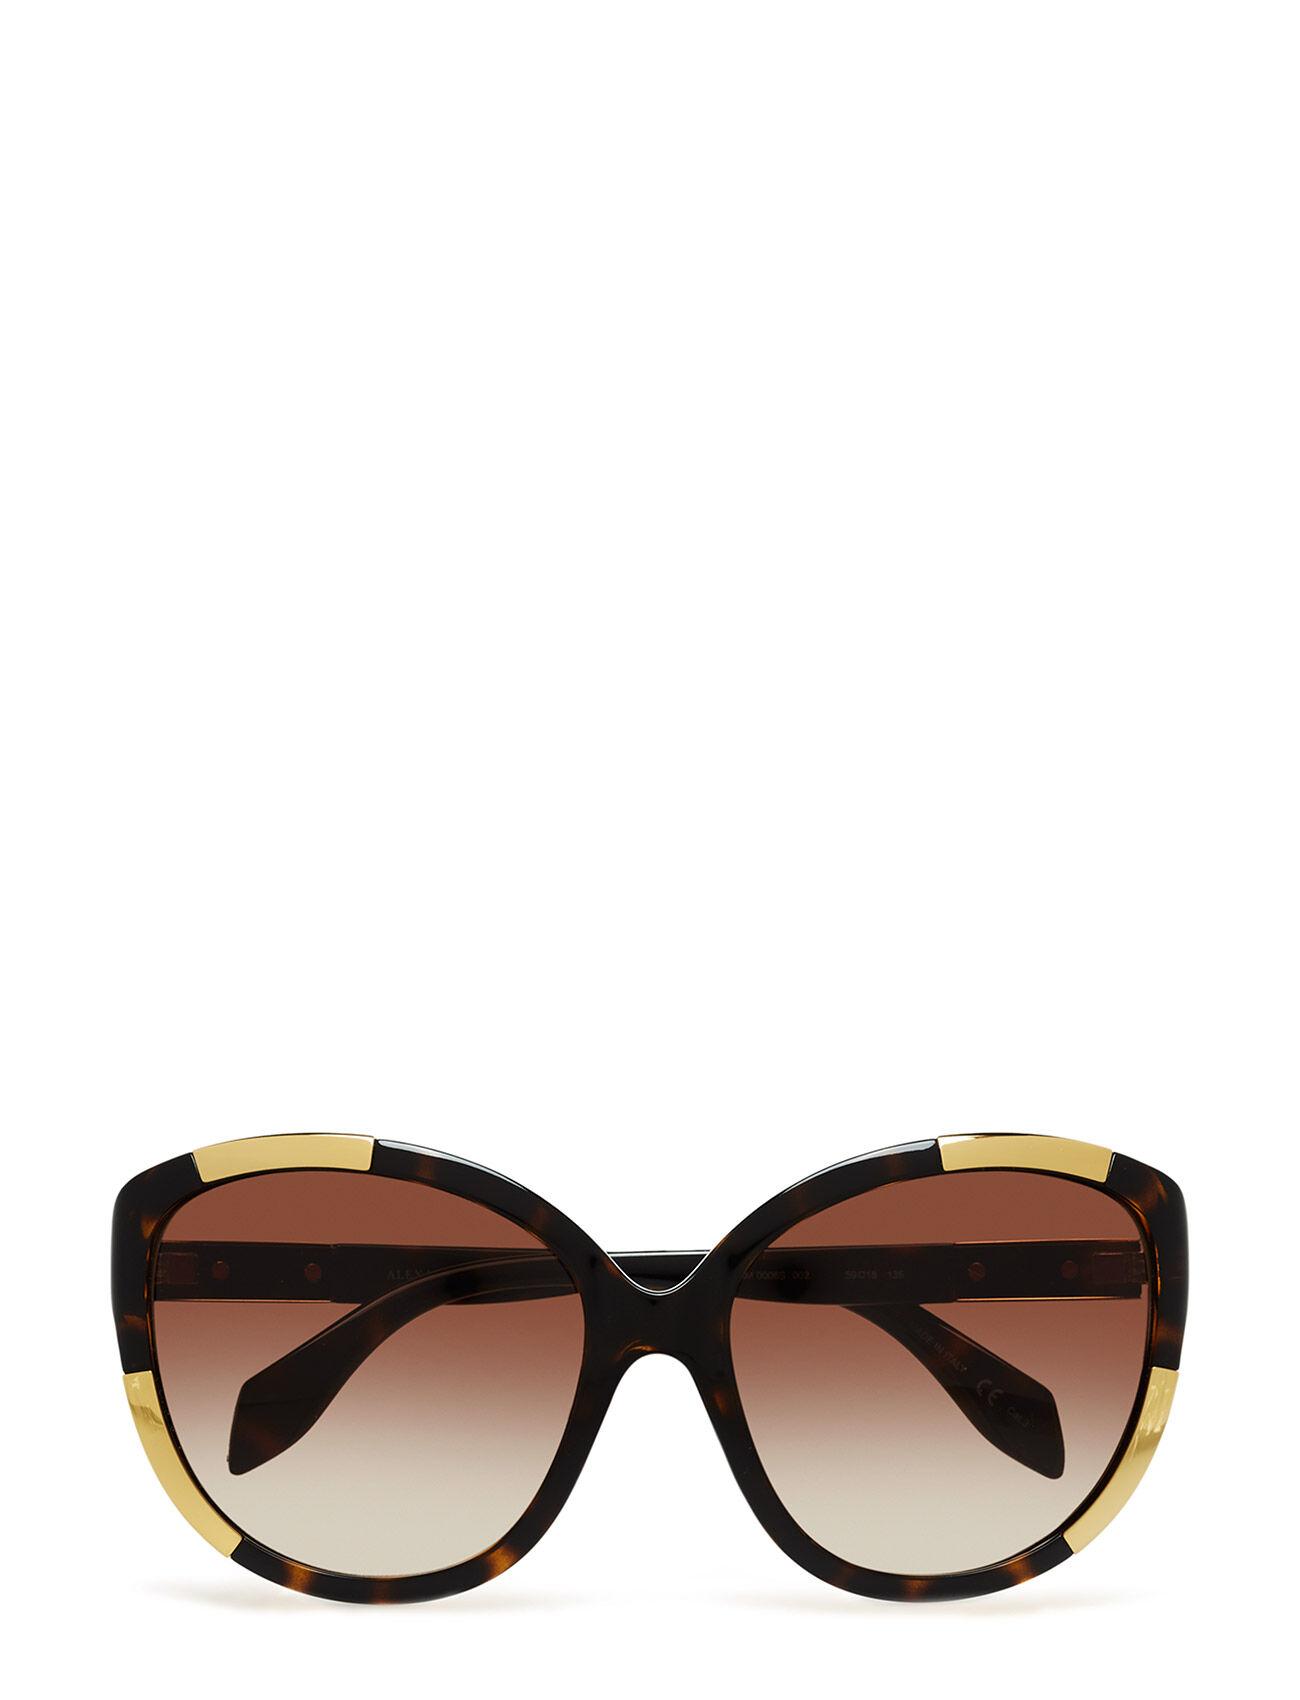 Alexander McQueen Eyewear Am0006s